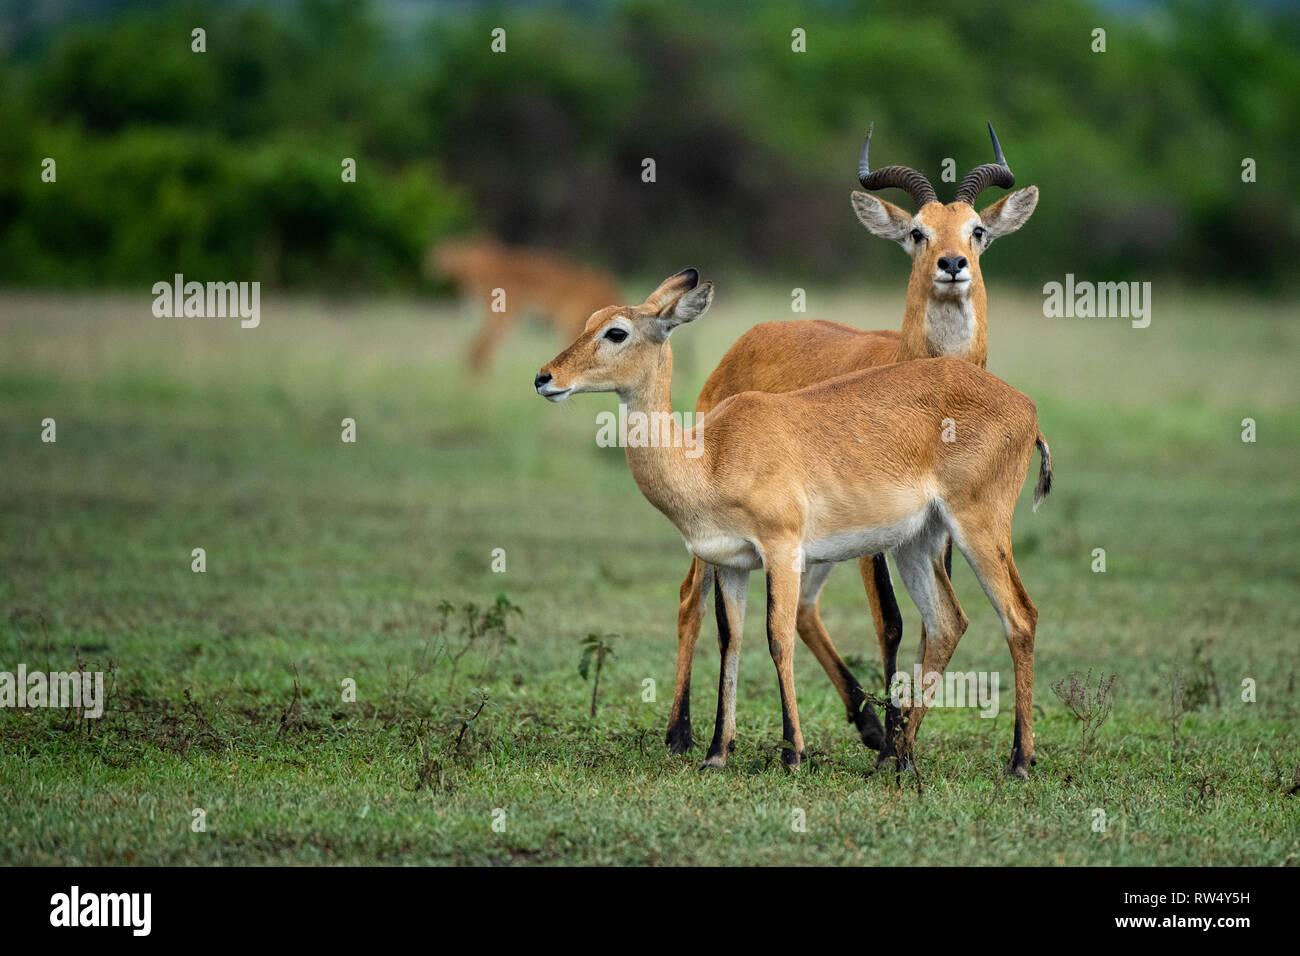 Uganda Kob, kobus kob thomasi, Queen Elizabeth NP, Uganda - Stock Image